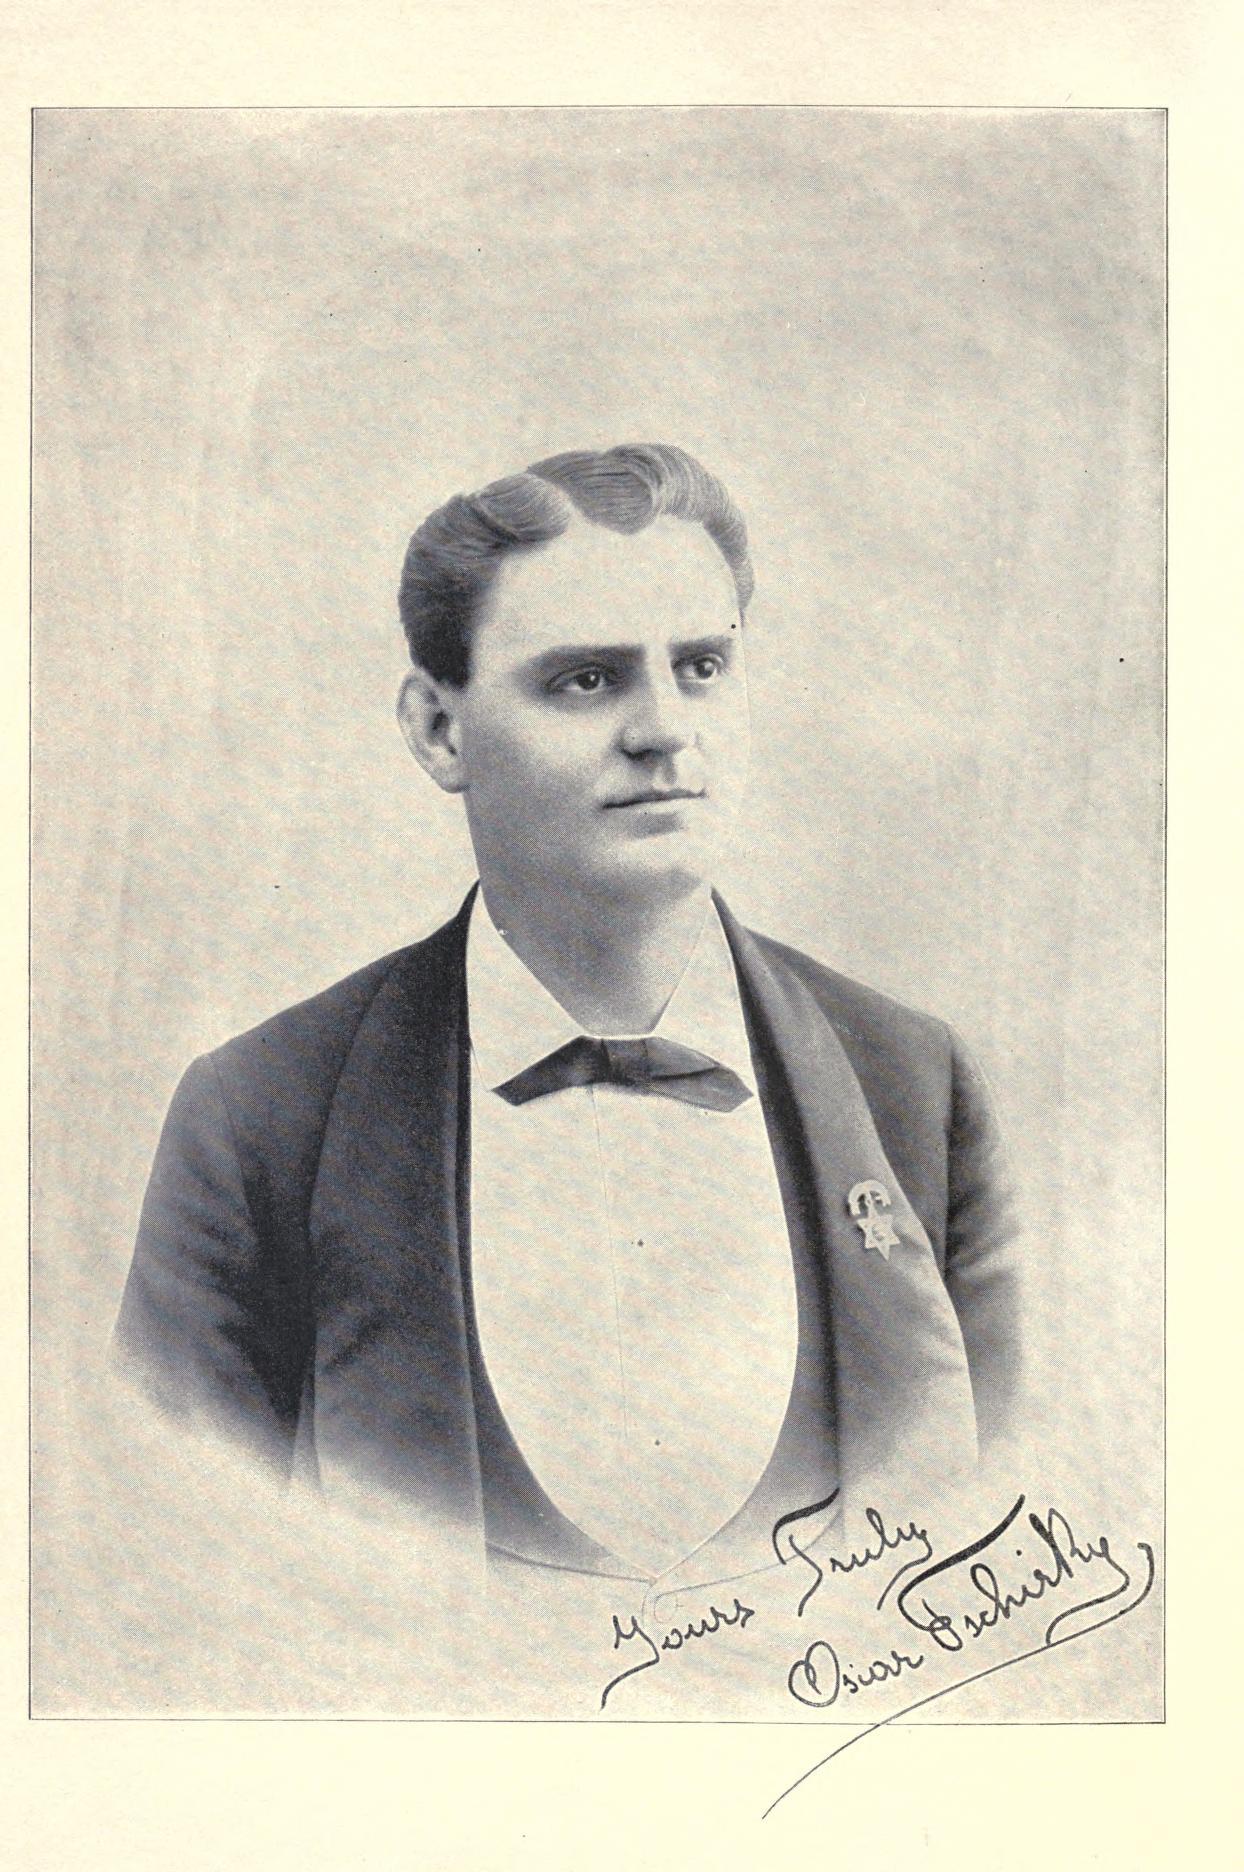 Oscar Photograph